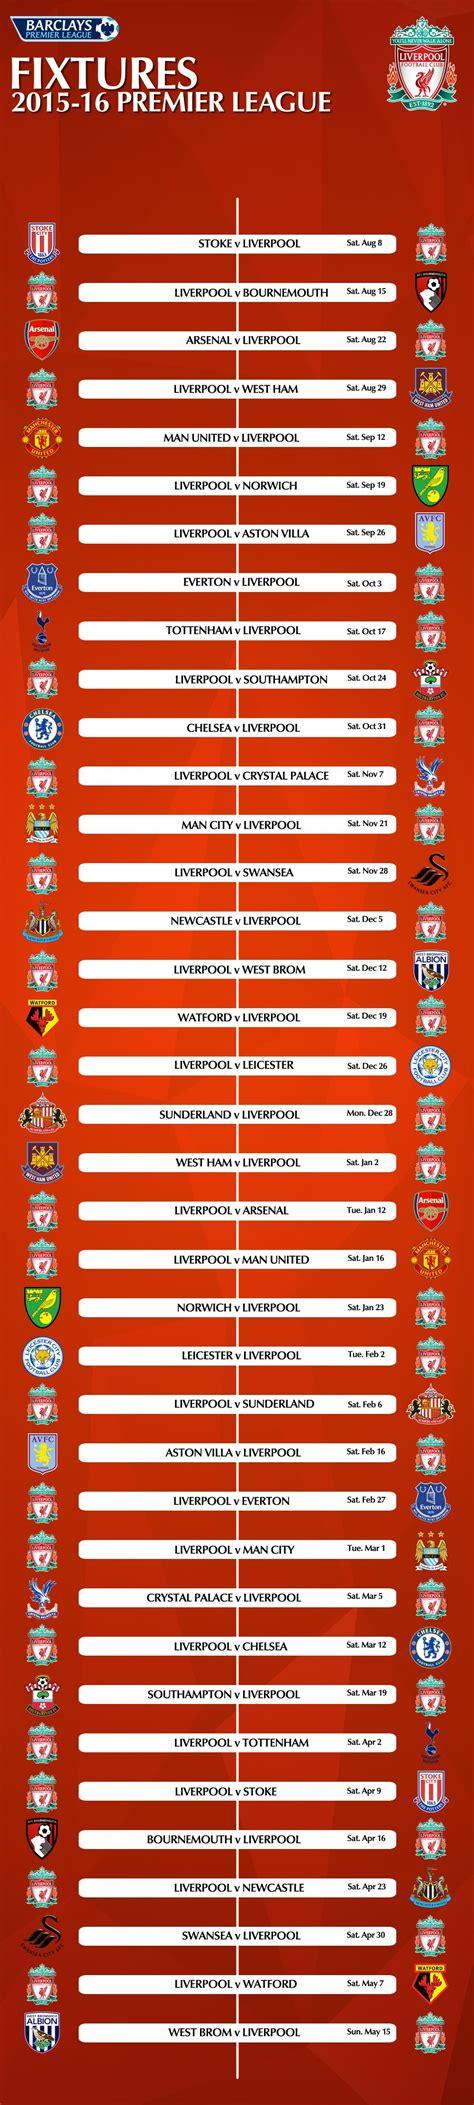 epl jadwal jadwal lengkap pertandingan liverpool fc musim 2015 2016